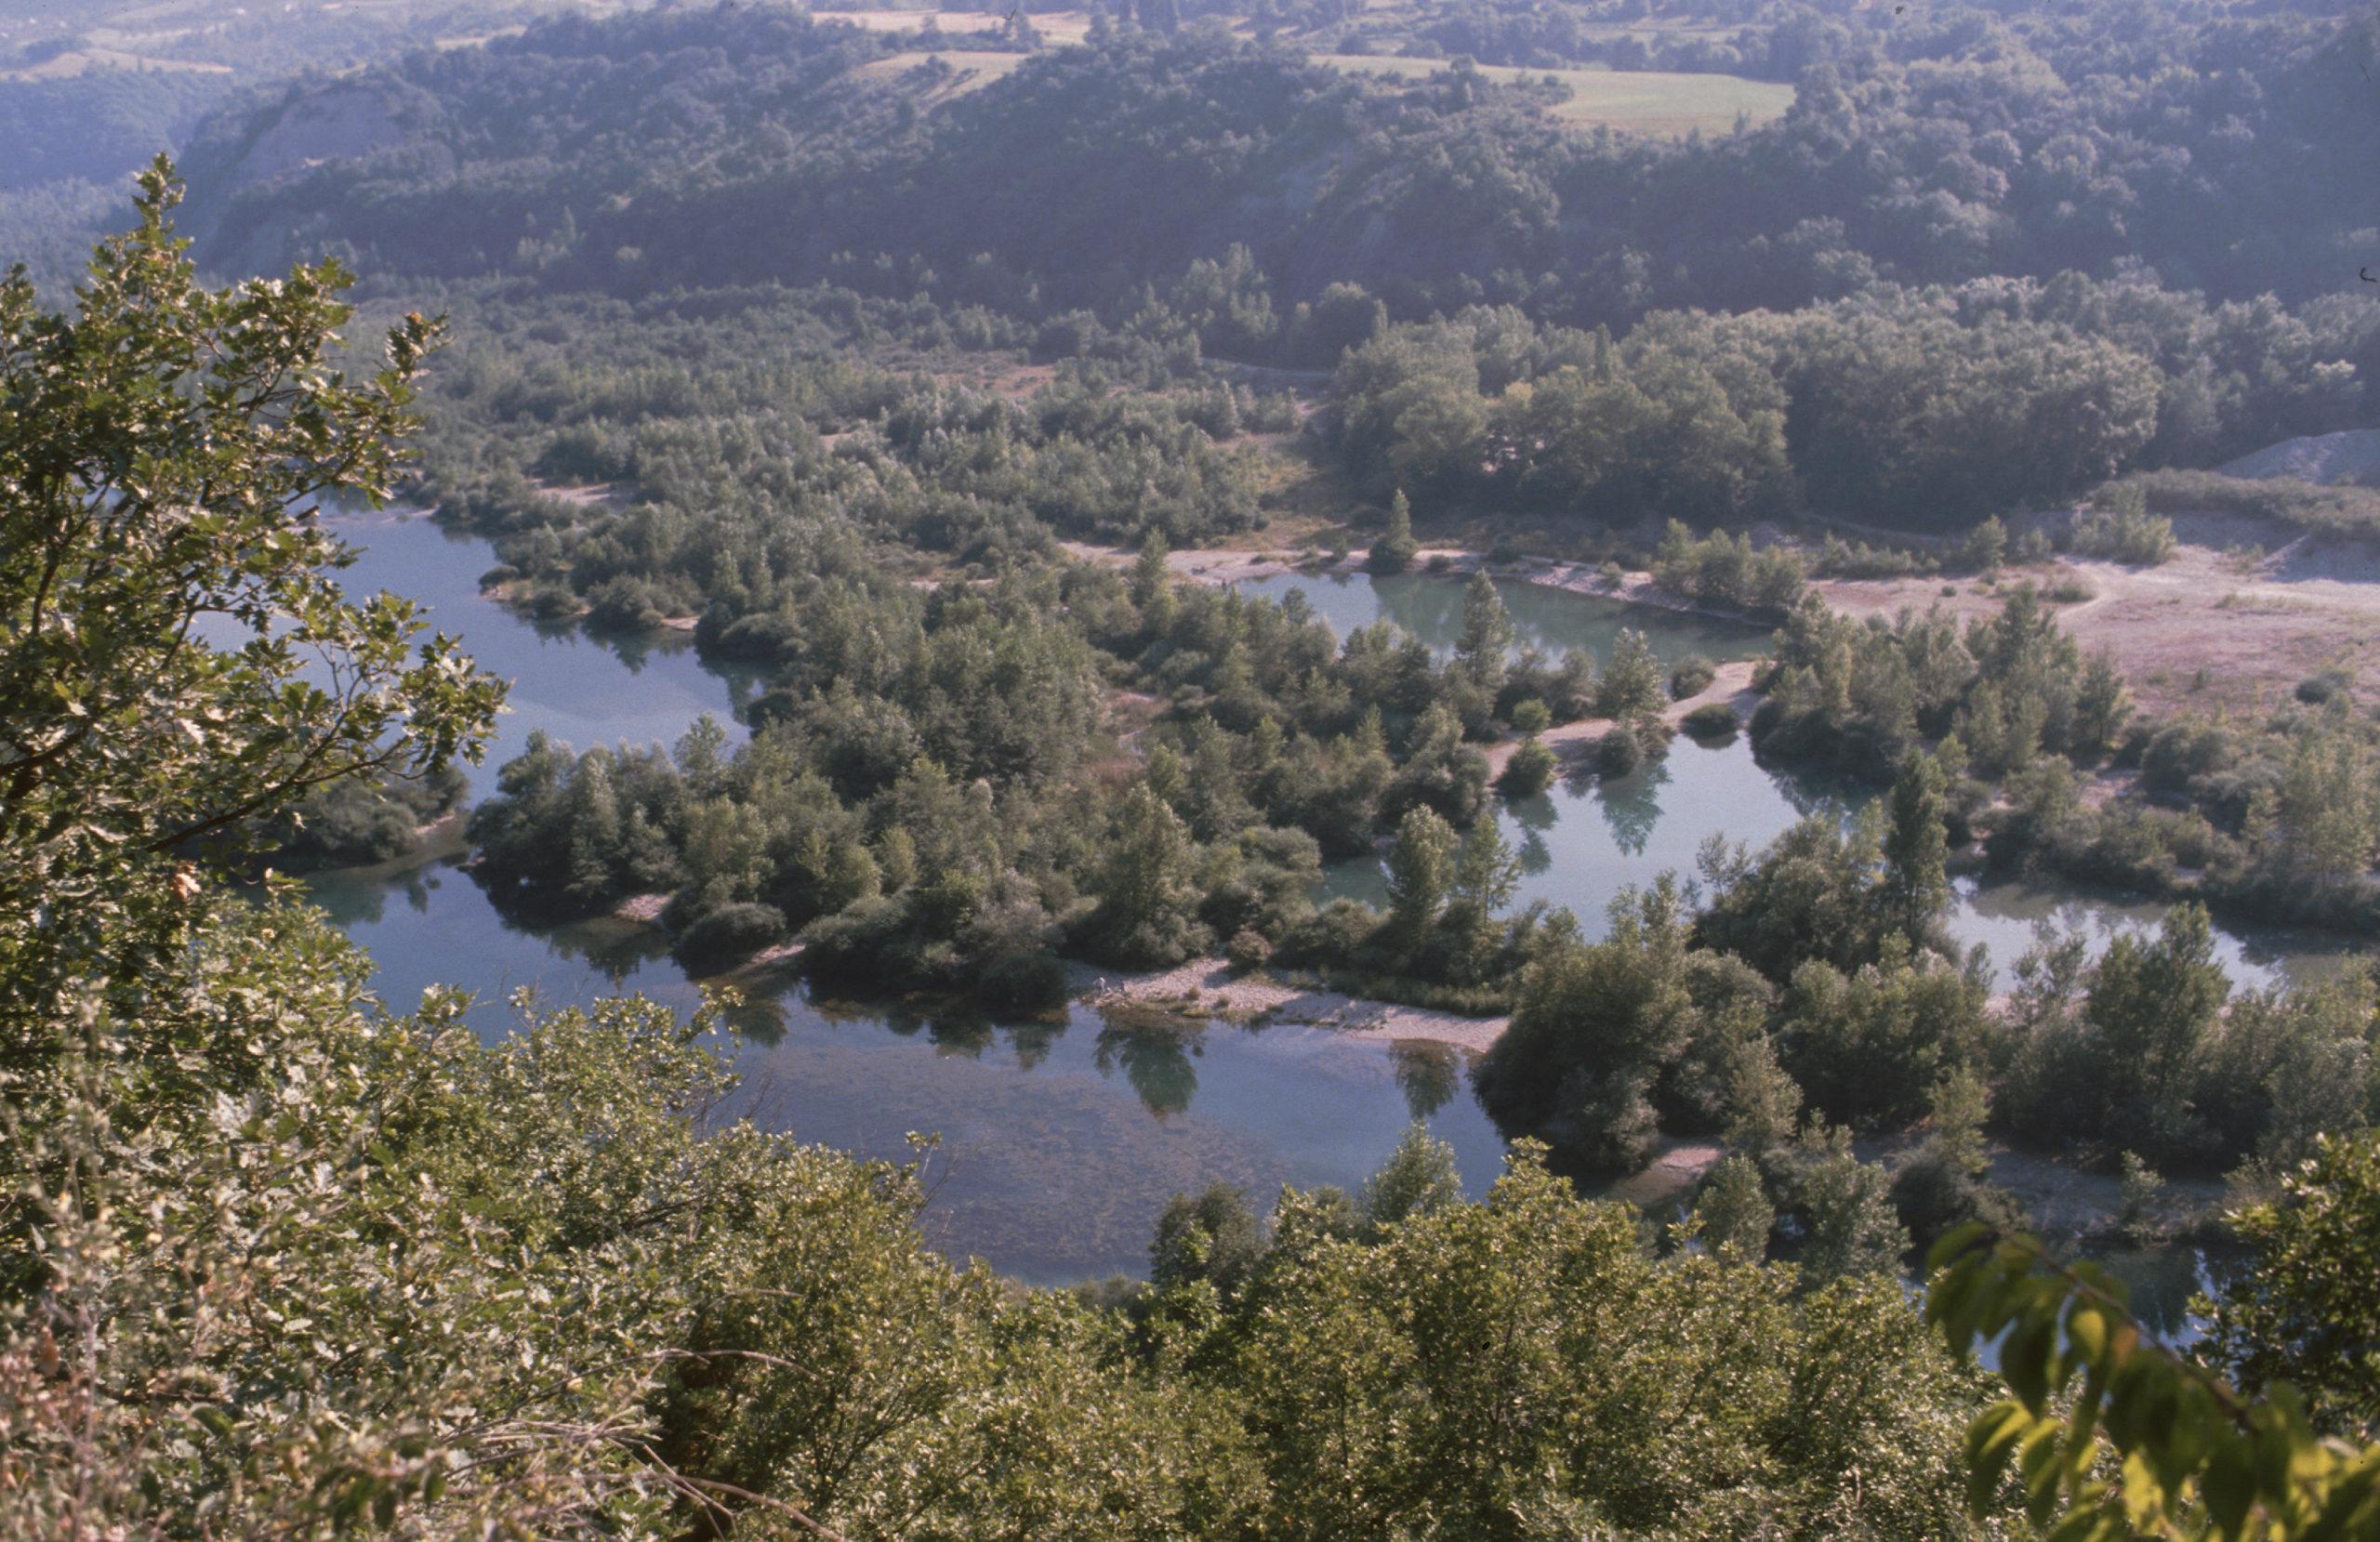 Mieux connaître les arbres qui bordent les cours d'eau